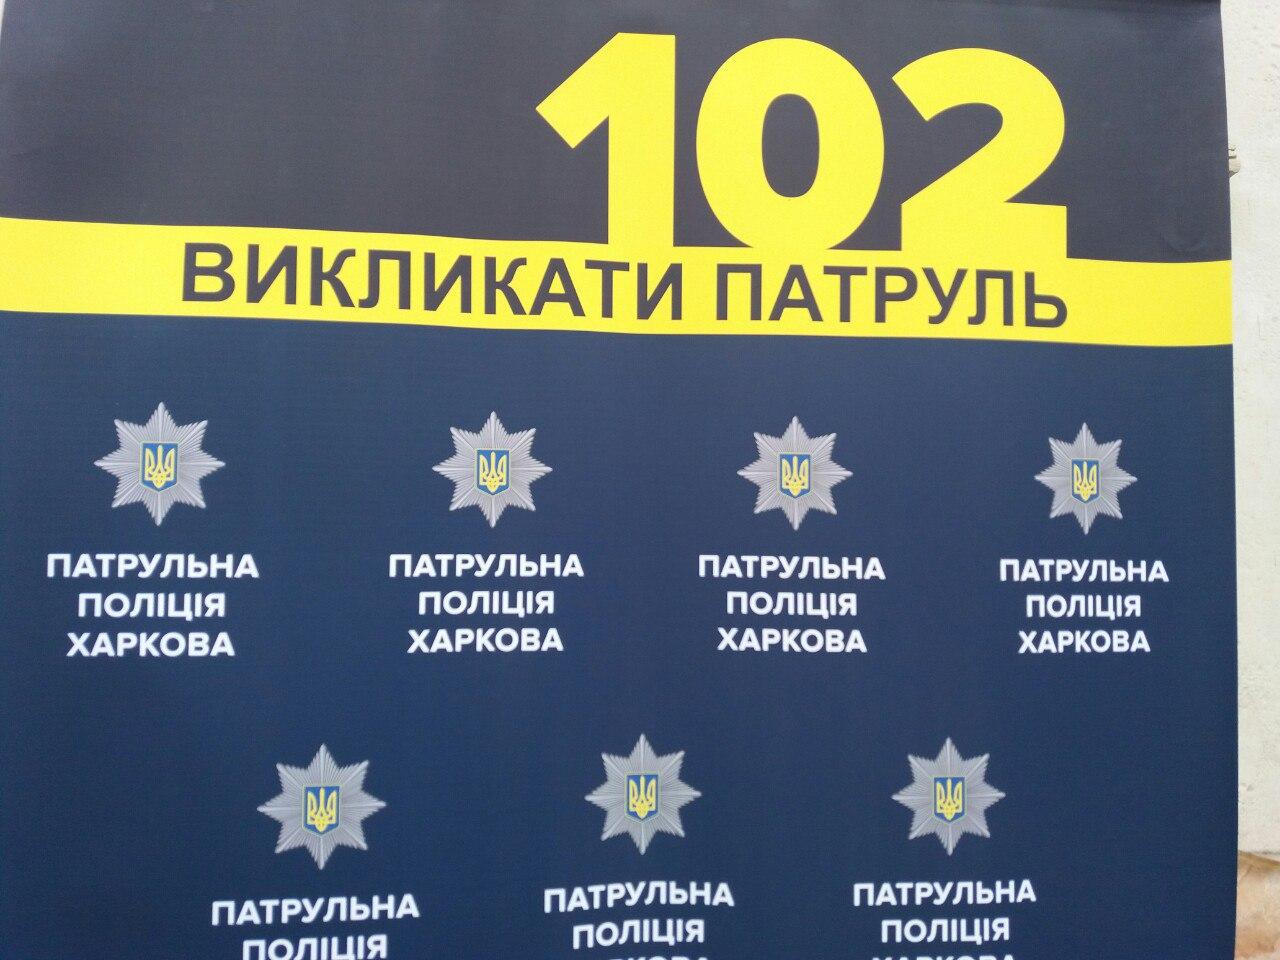 Люди боятся выходить на улицу в Харькове